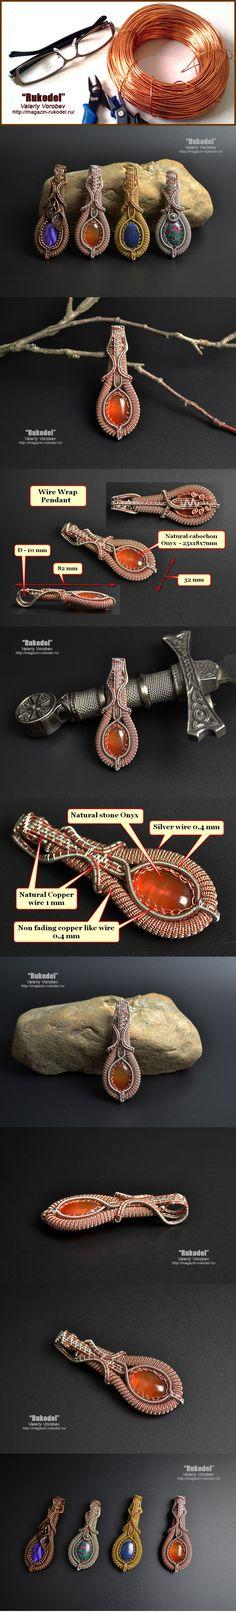 Кулон из медной и серебряной проволоки | Рукодел